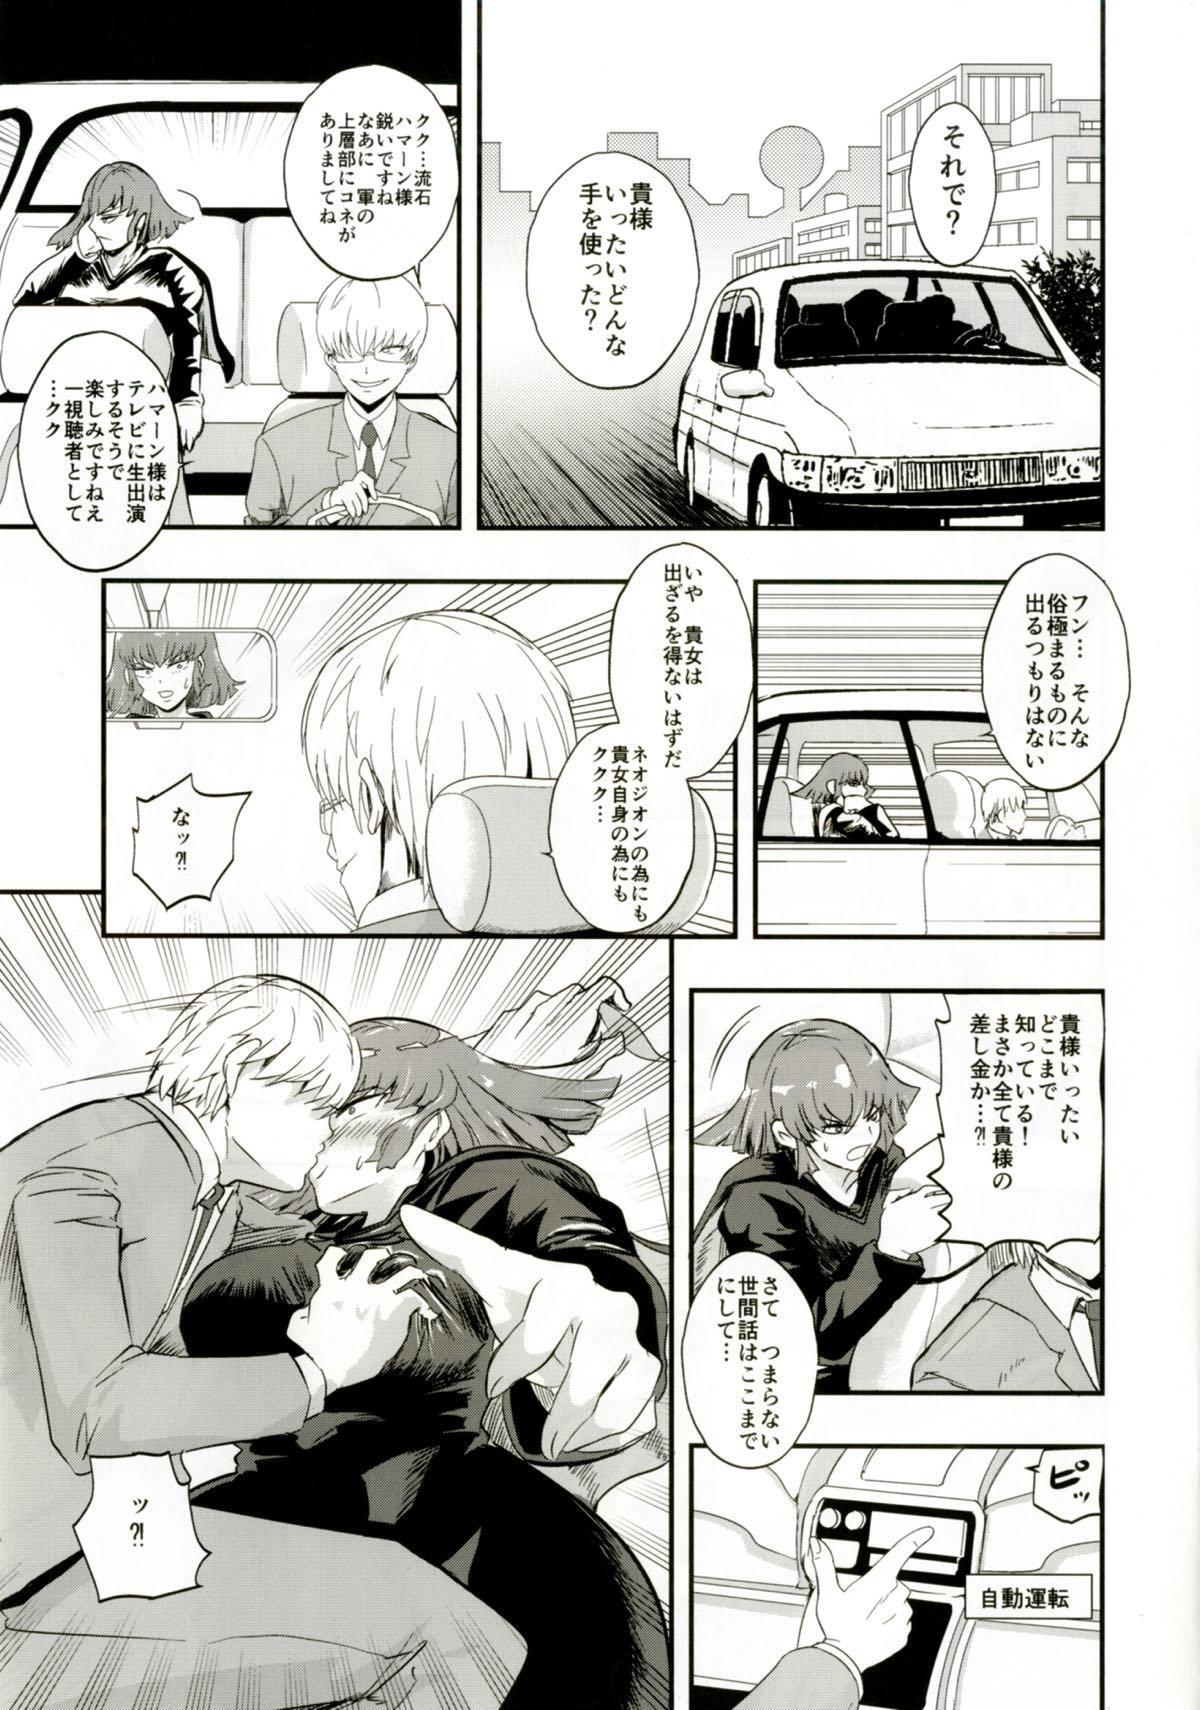 Haman-sama no Inzoku na Hibi 2 5